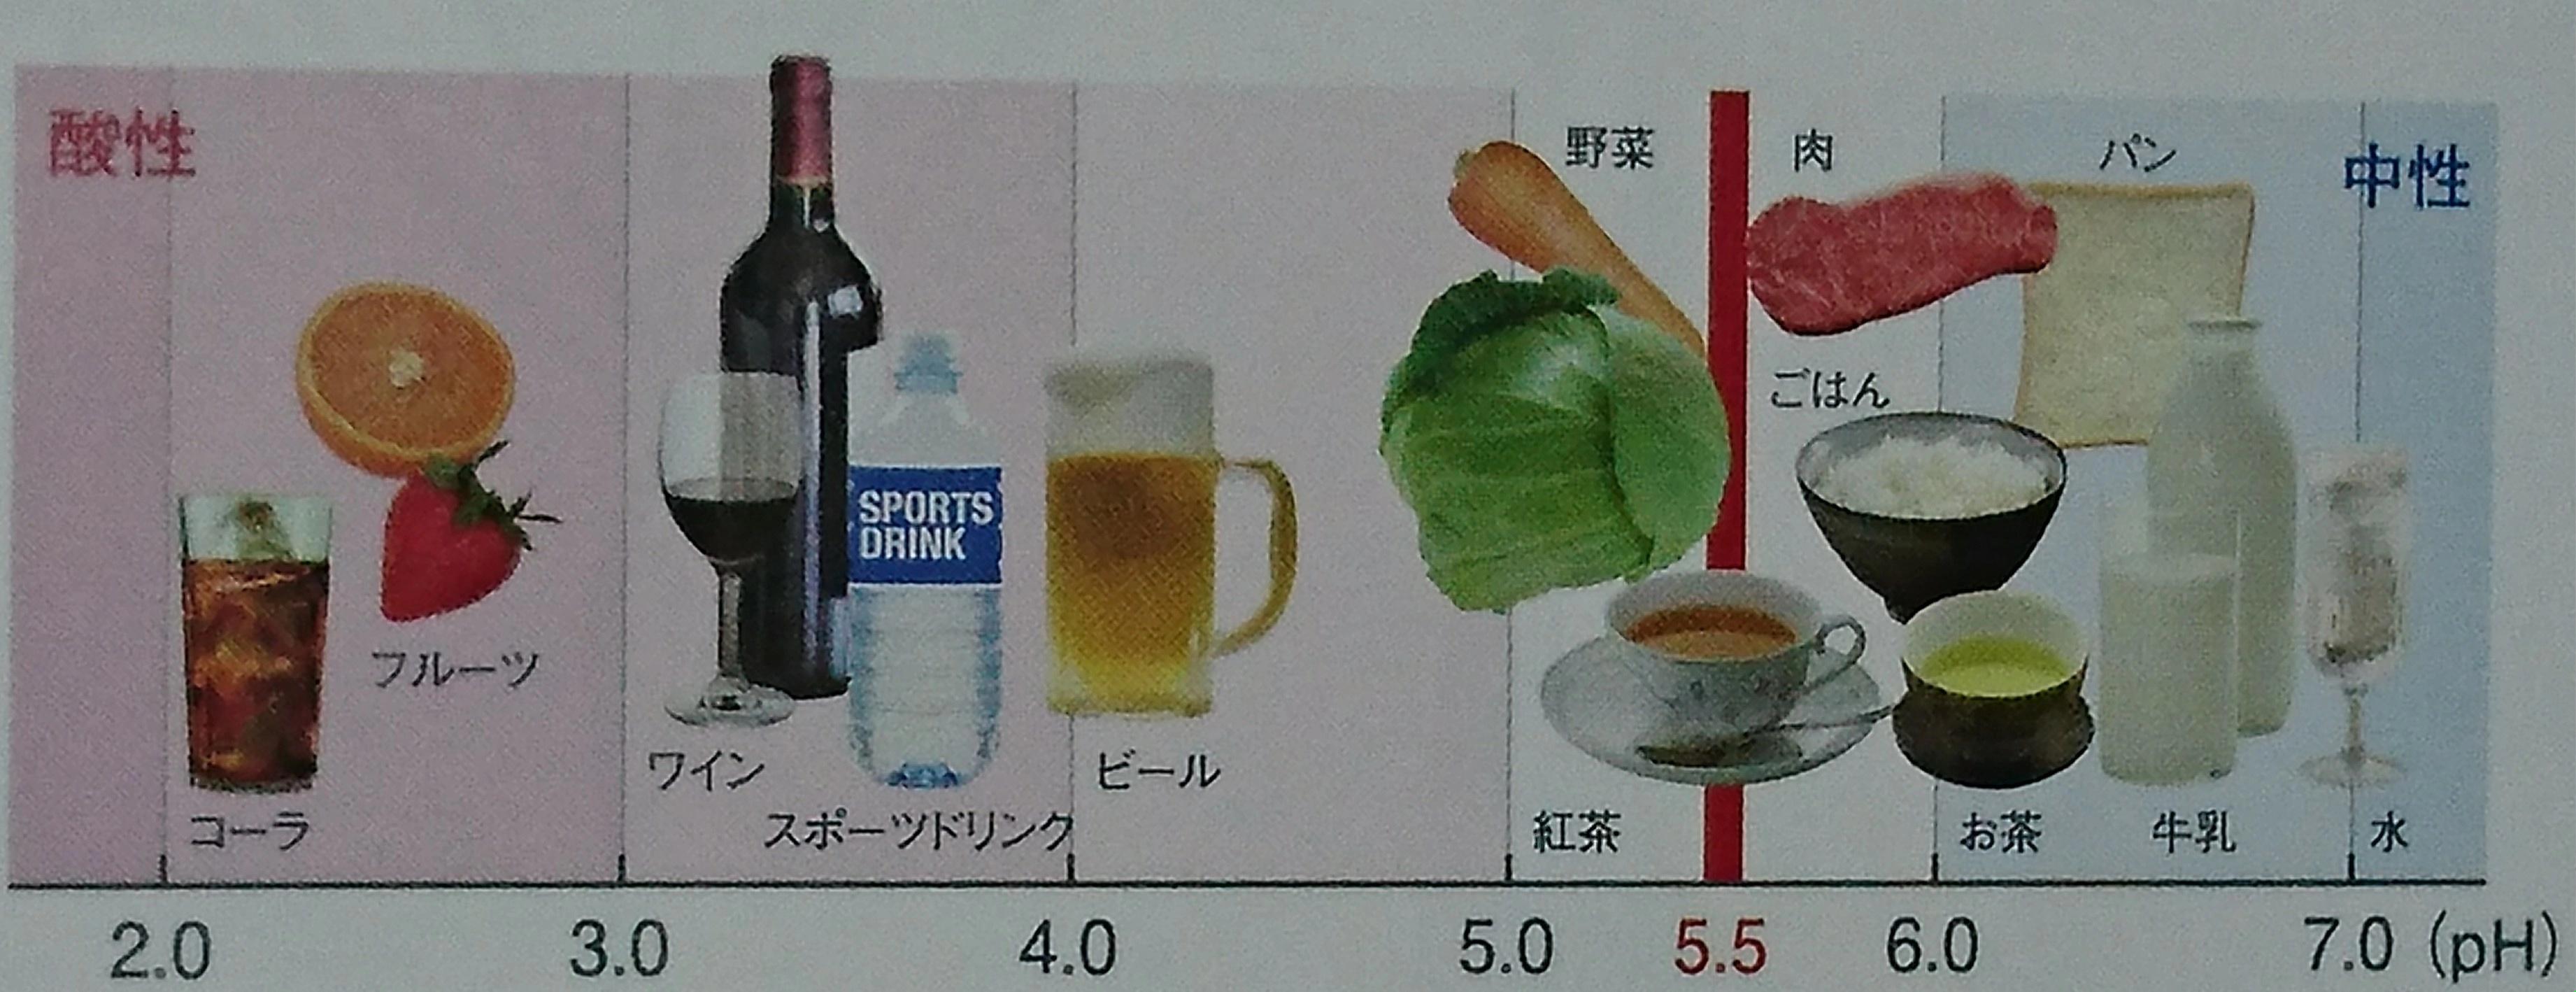 酸性度の高い食事や飲み物の頻繁な摂取